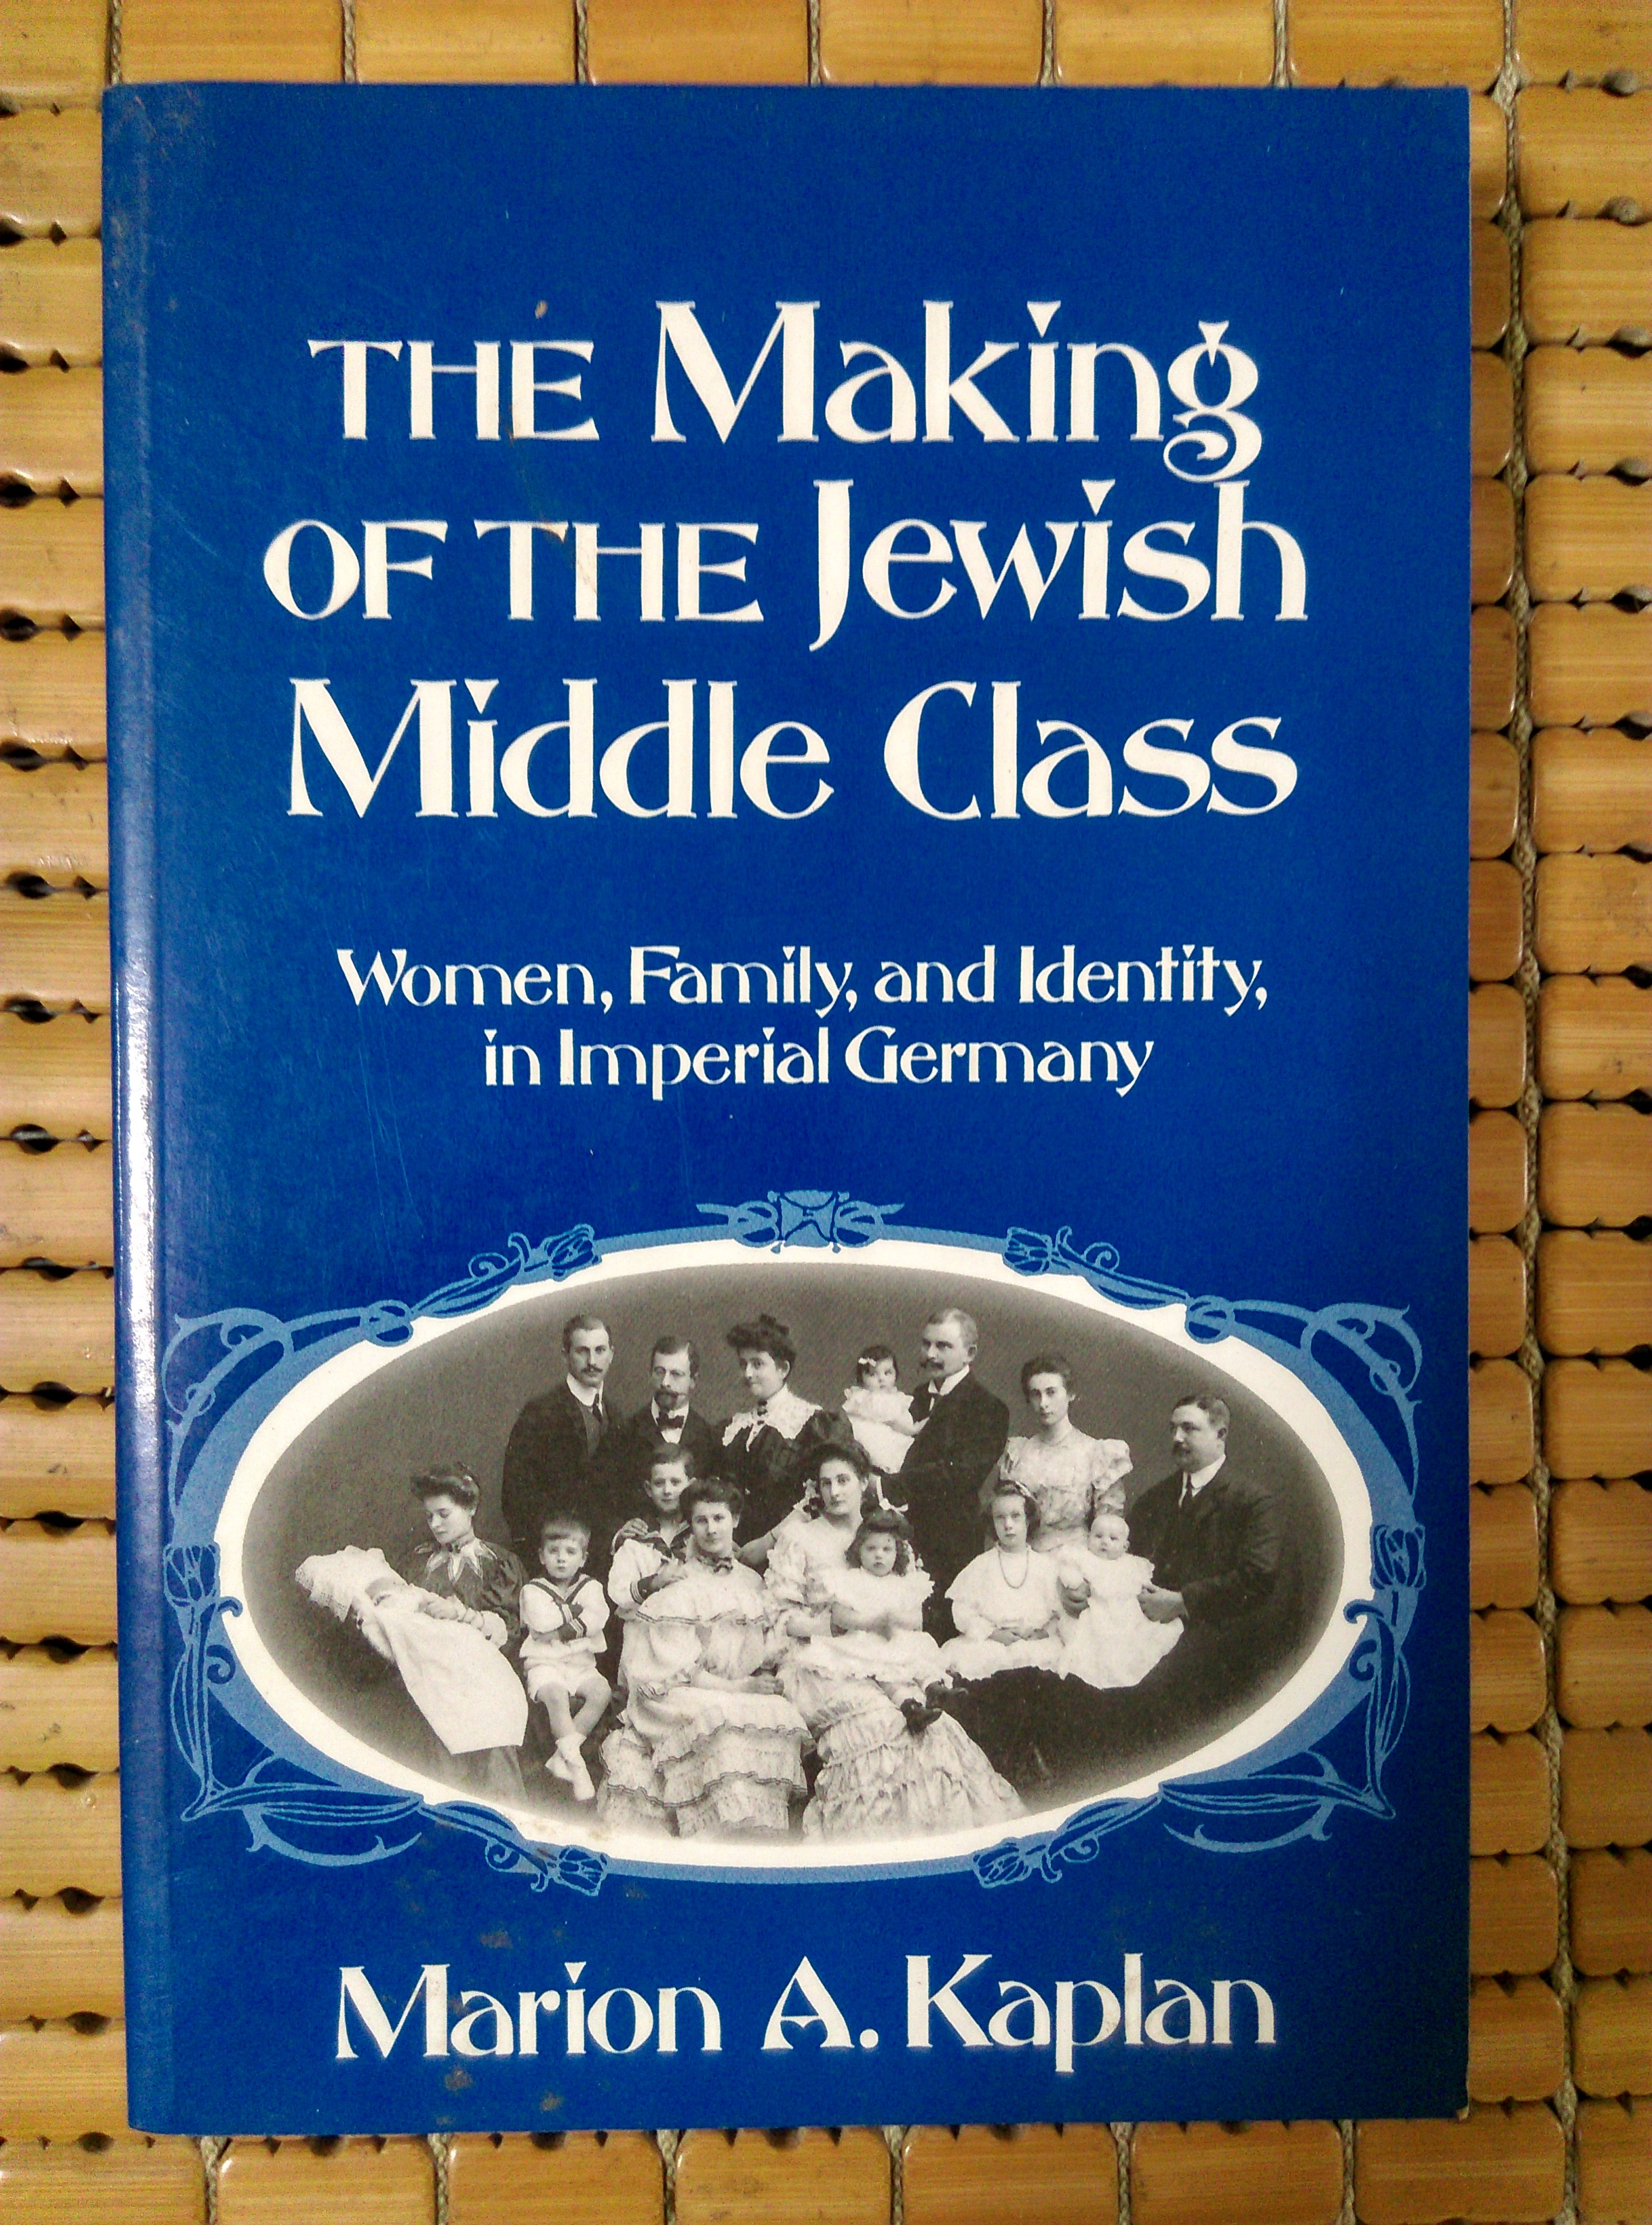 不二書店 THE Making OF THE Jewish Middle Class Marion A.Kaplan